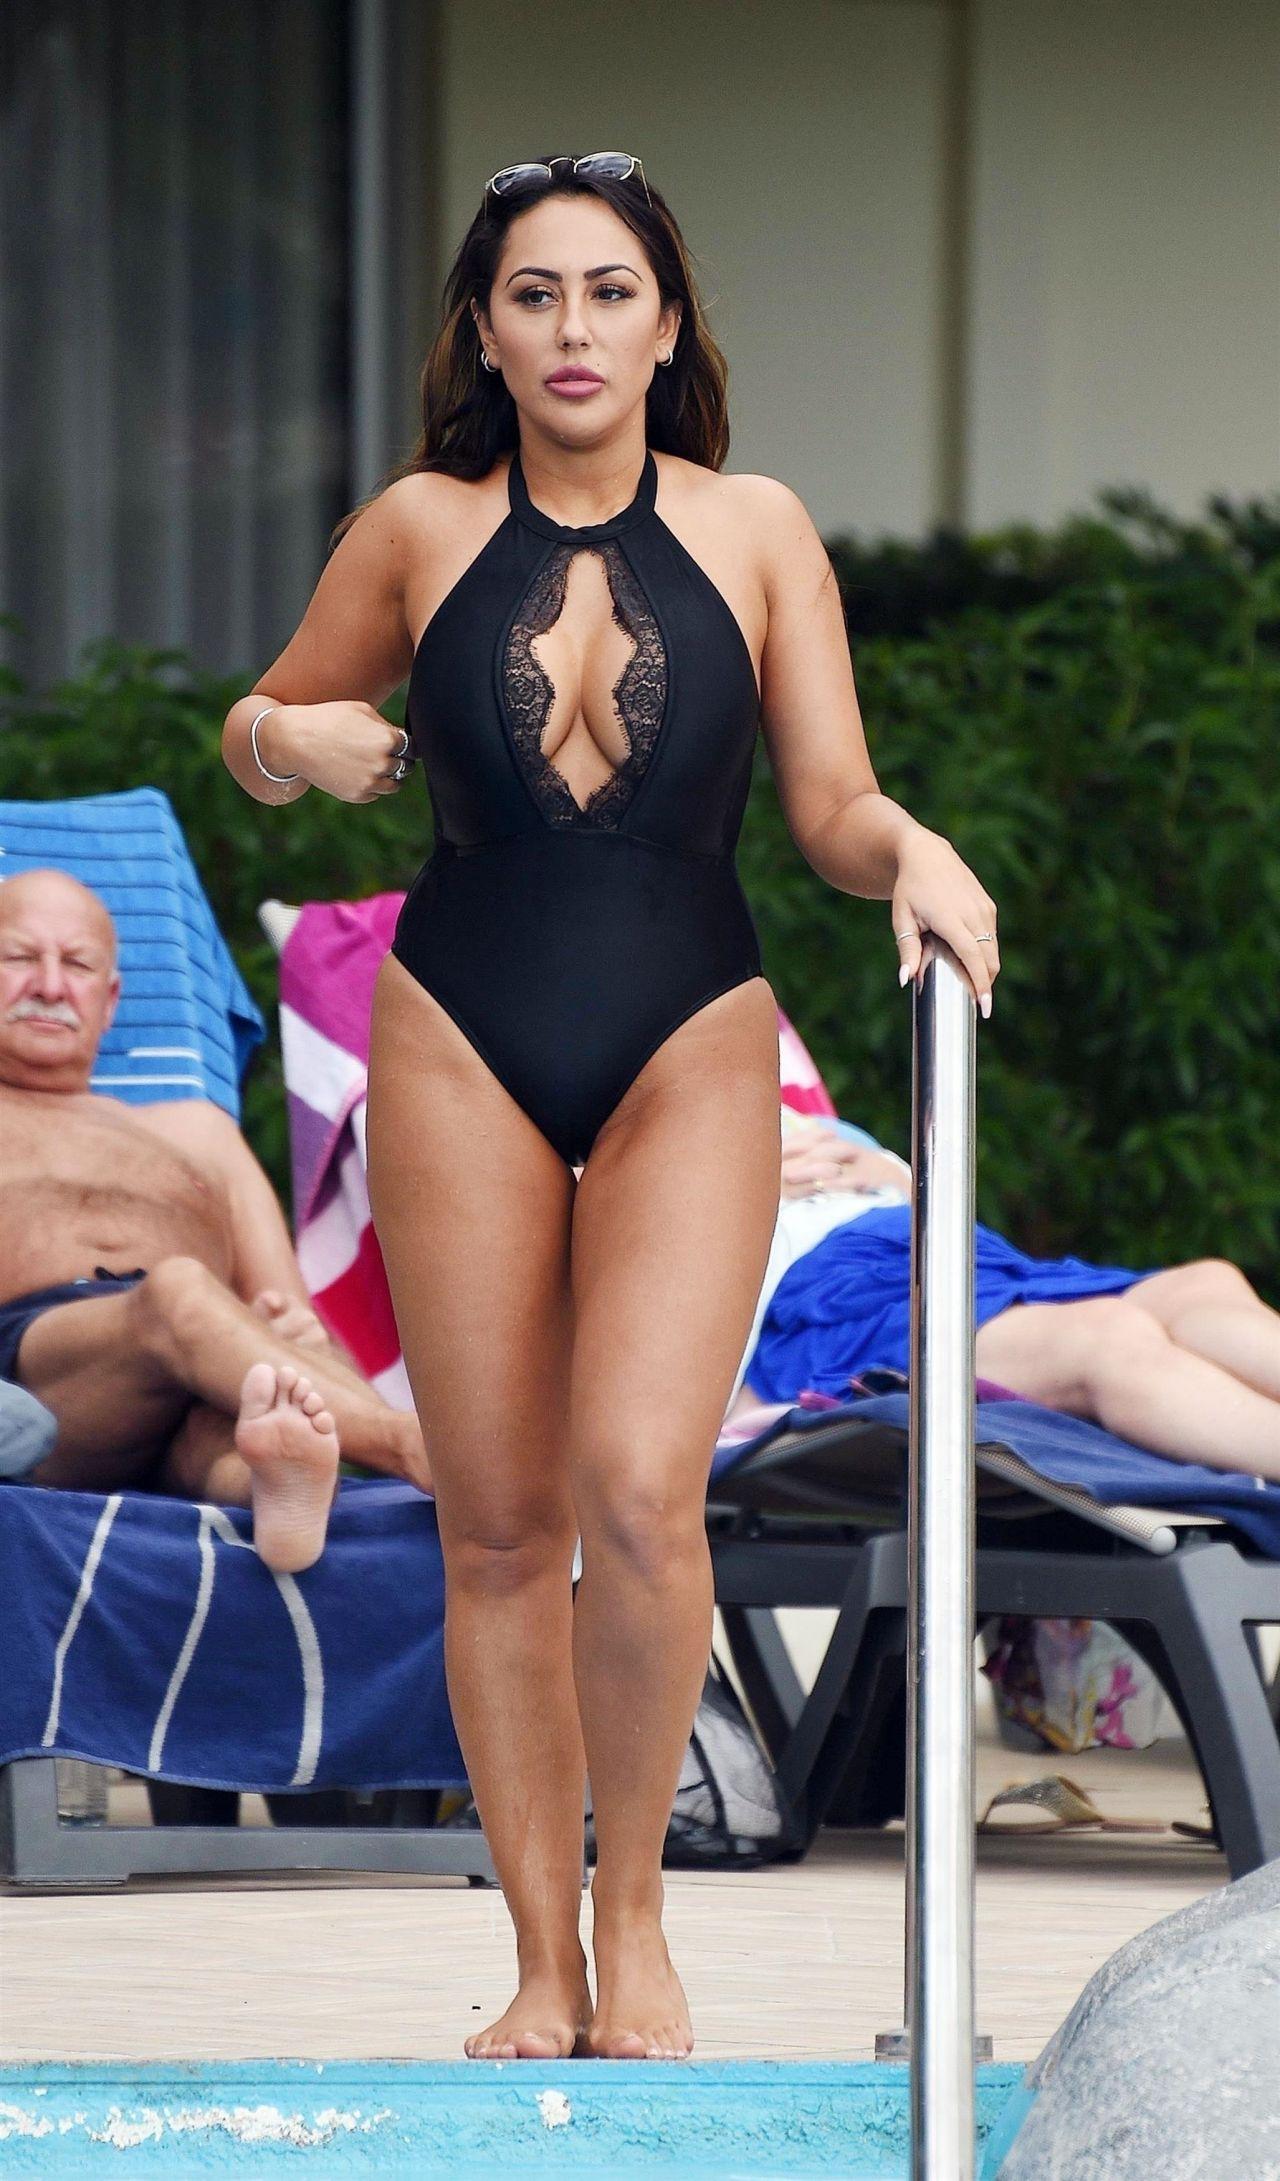 Martina martone nude sexy foto